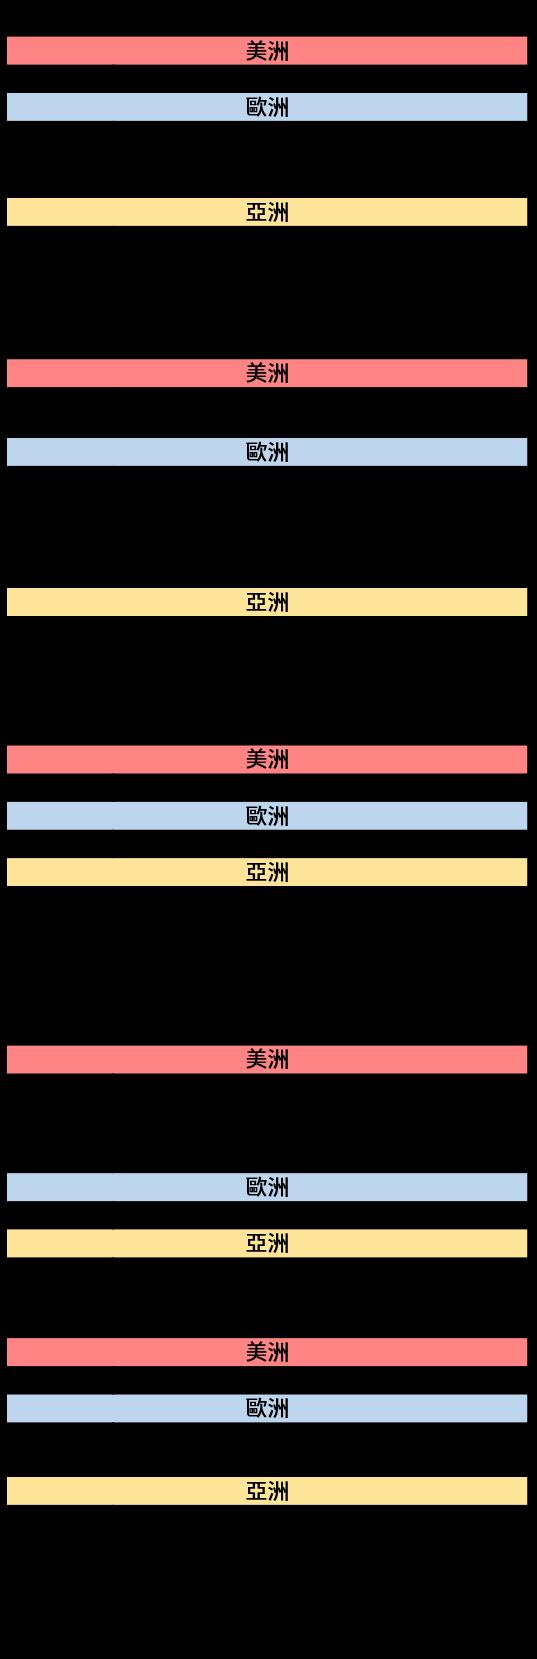 20161107~20161111_經濟事件